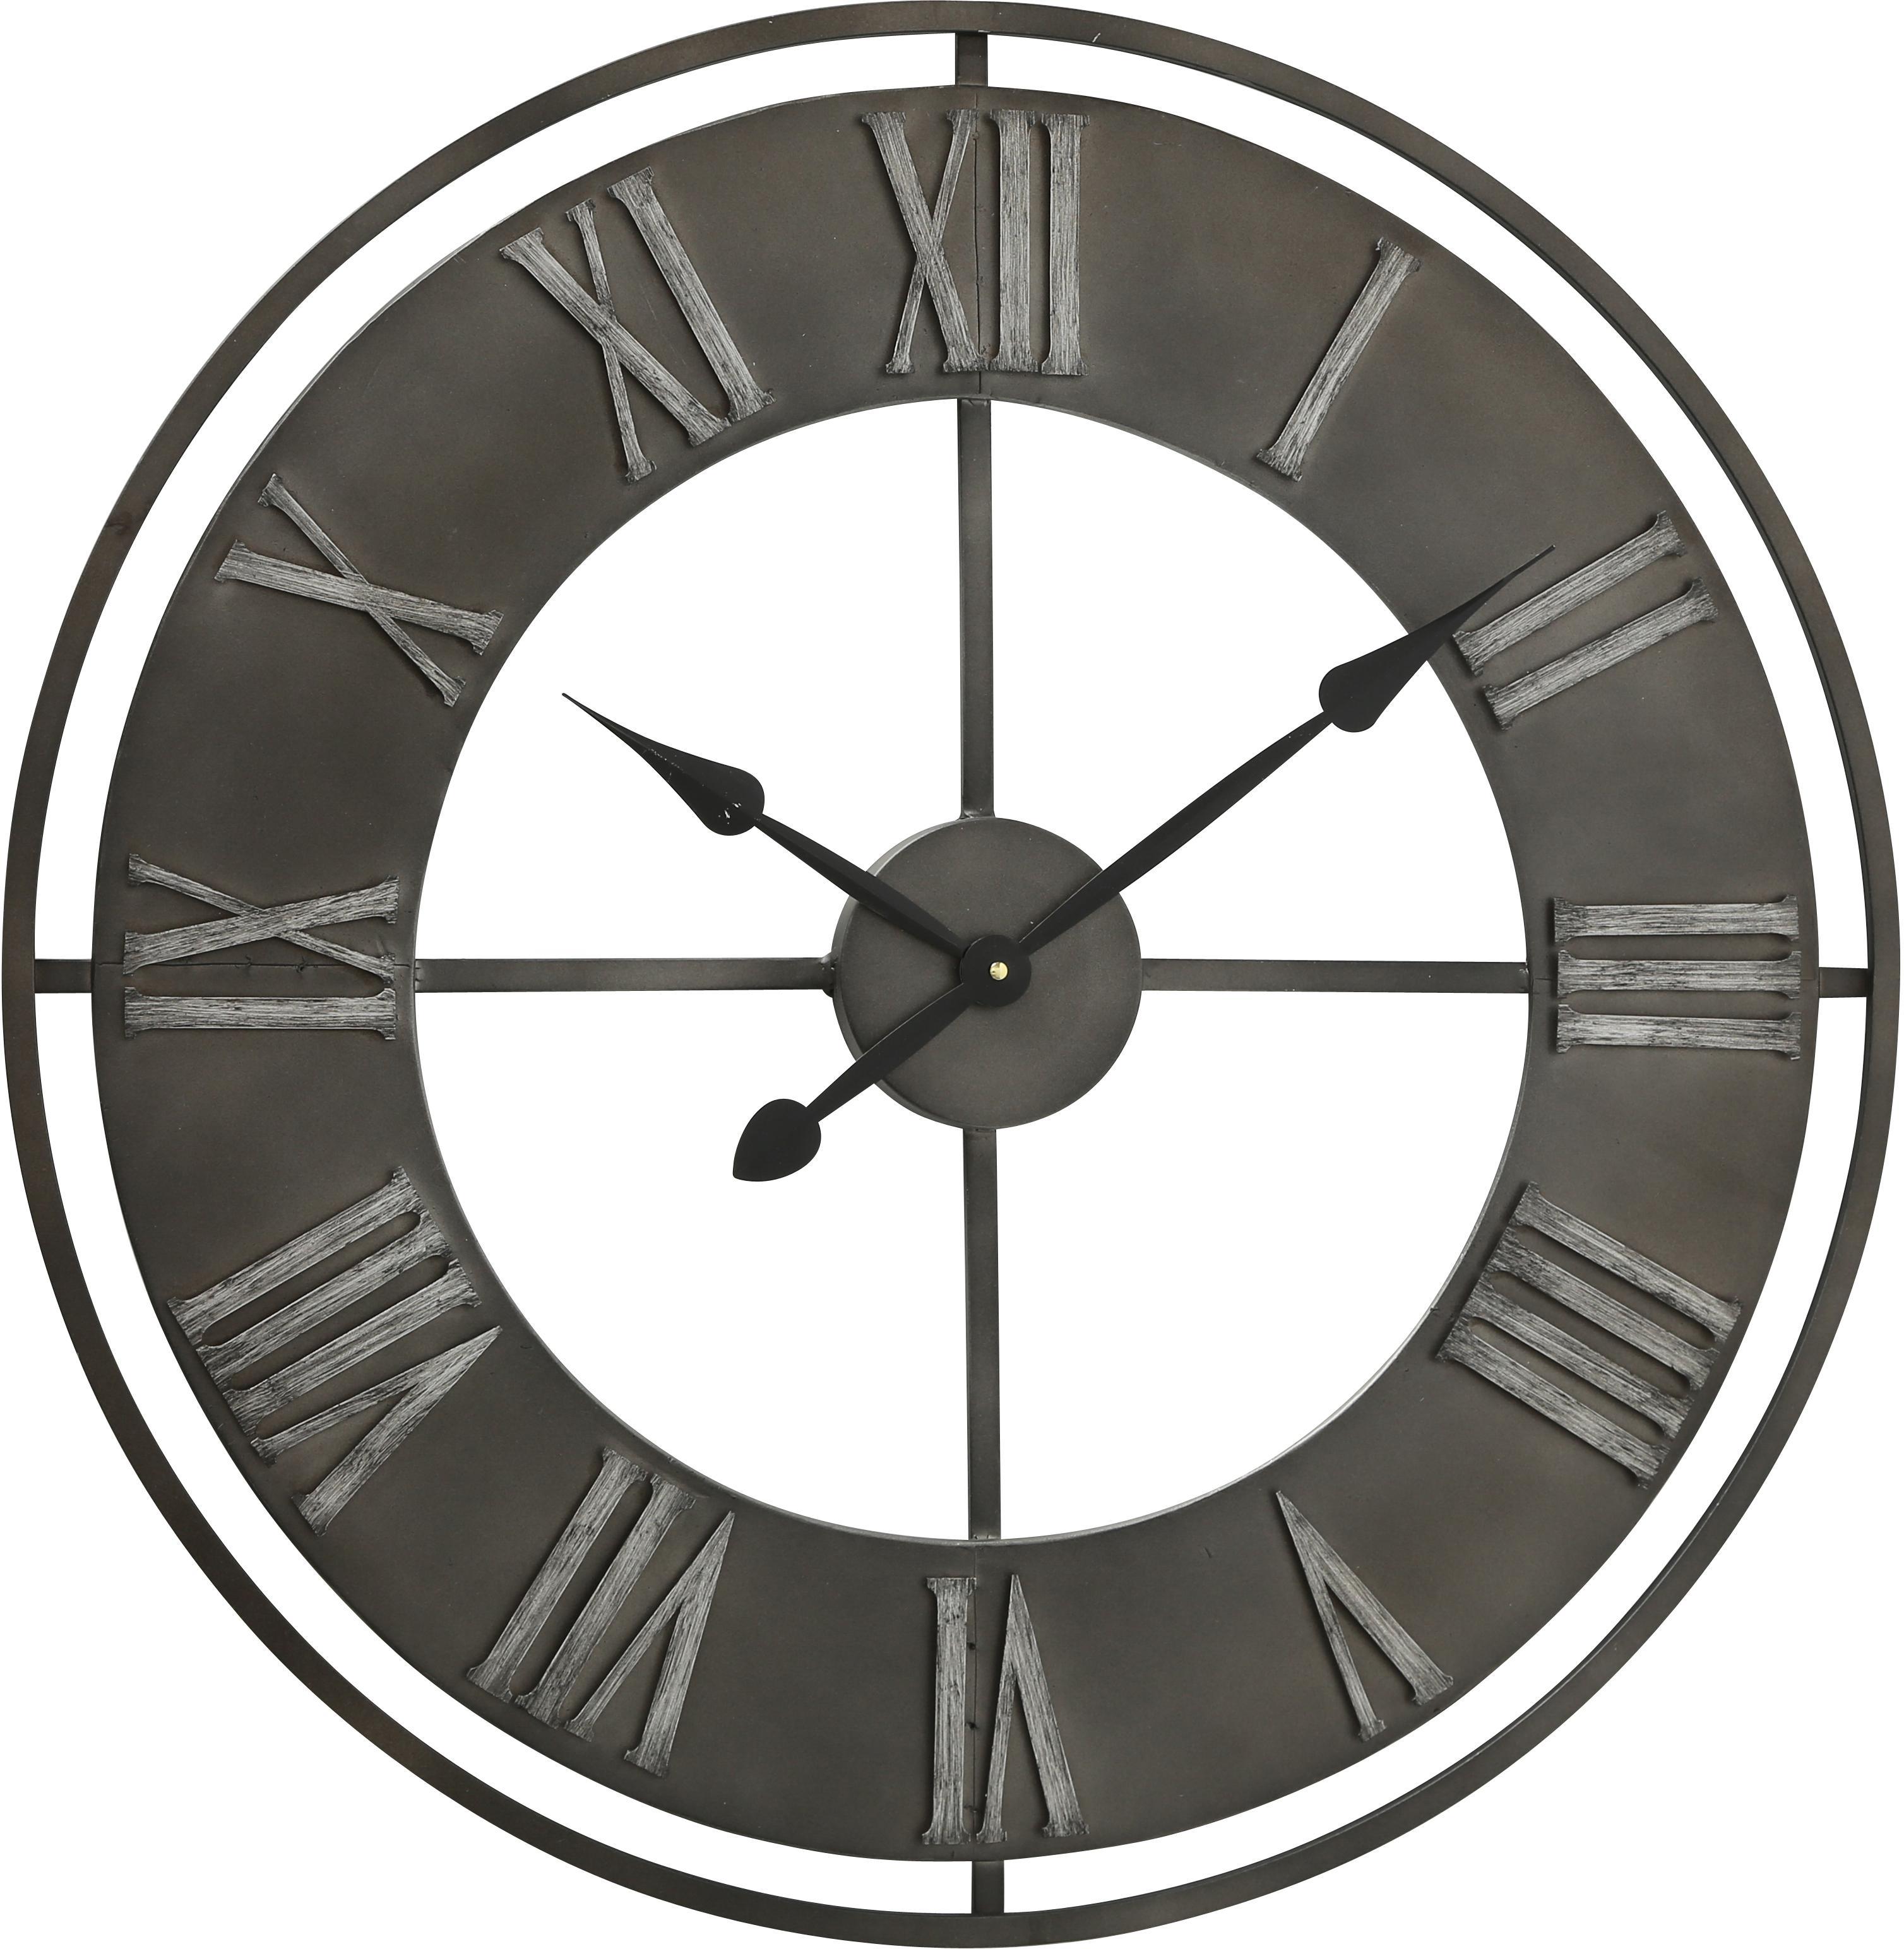 Orologio da parete Duro, Metallo rivestito, Grigio scuro, Ø 78 cm